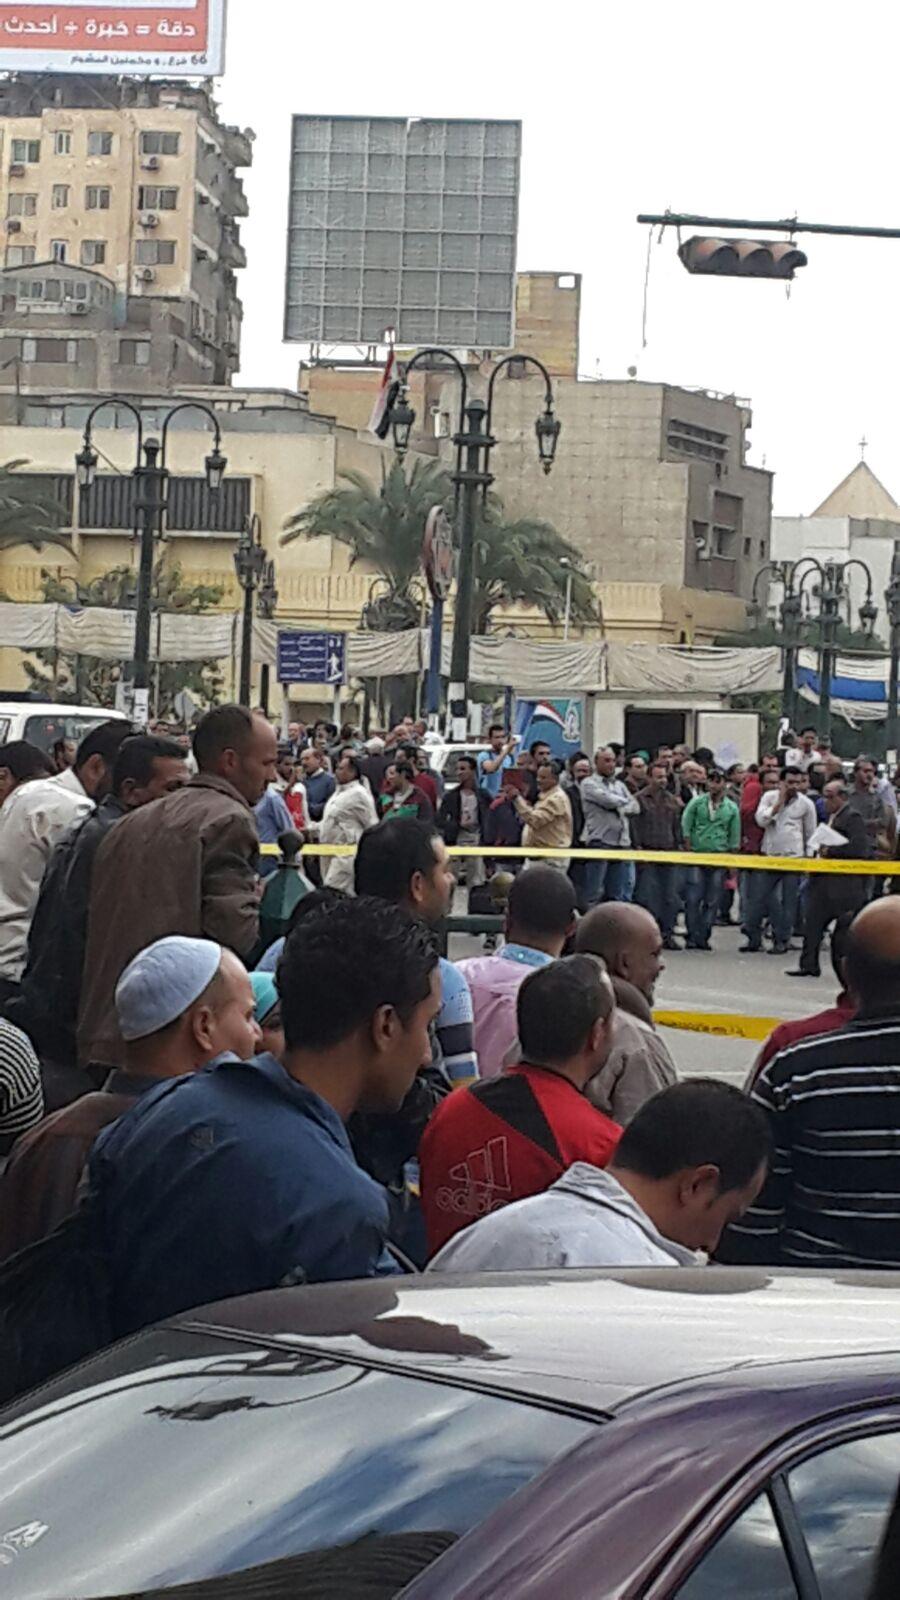 بالصور.. العثور على جسم غريب أمام مسجد الفتح.. وطوق أمني بميدان رمسيس